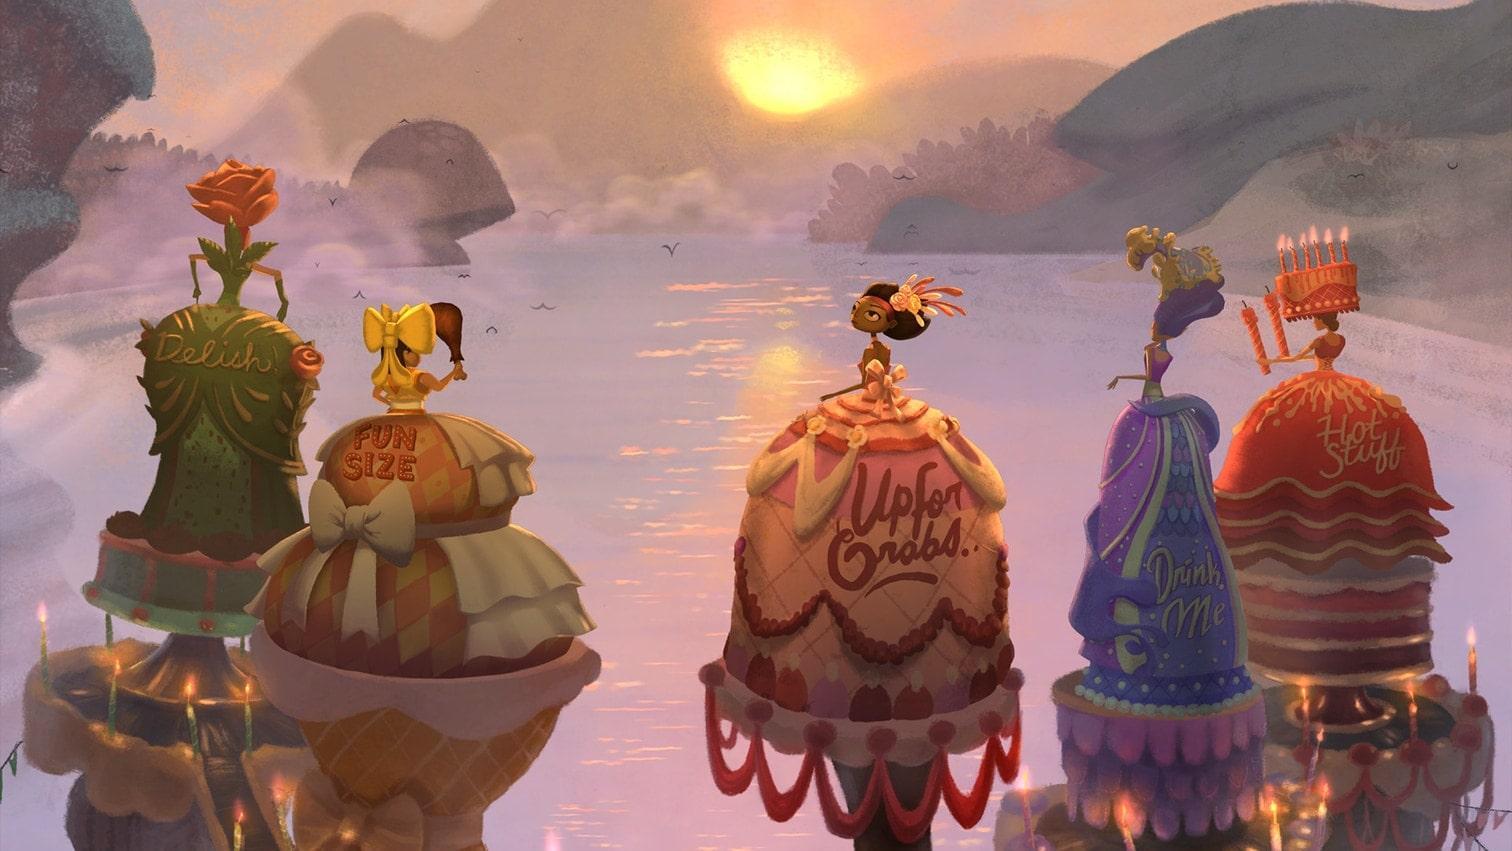 <p>Metroidvania im antiken Zeichenstil. Genial!</p> Foto: Screenshot